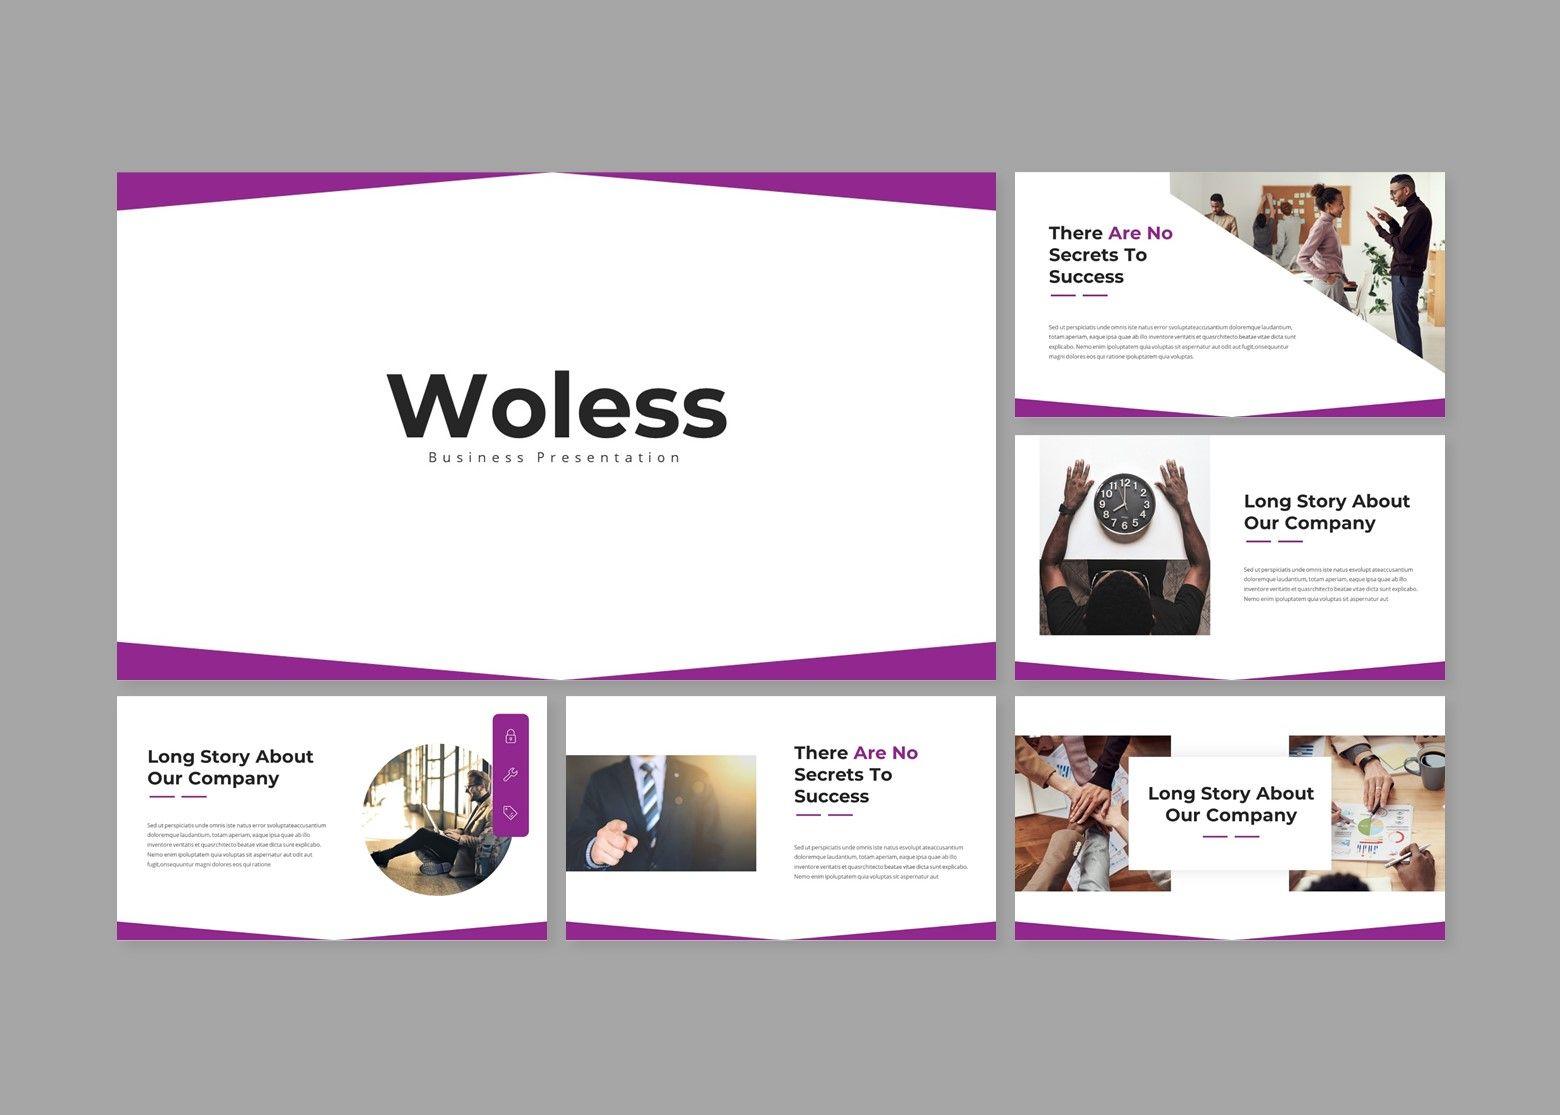 Woless Business PowerPoint Template, Slide 2, 08121, Business Models — PoweredTemplate.com